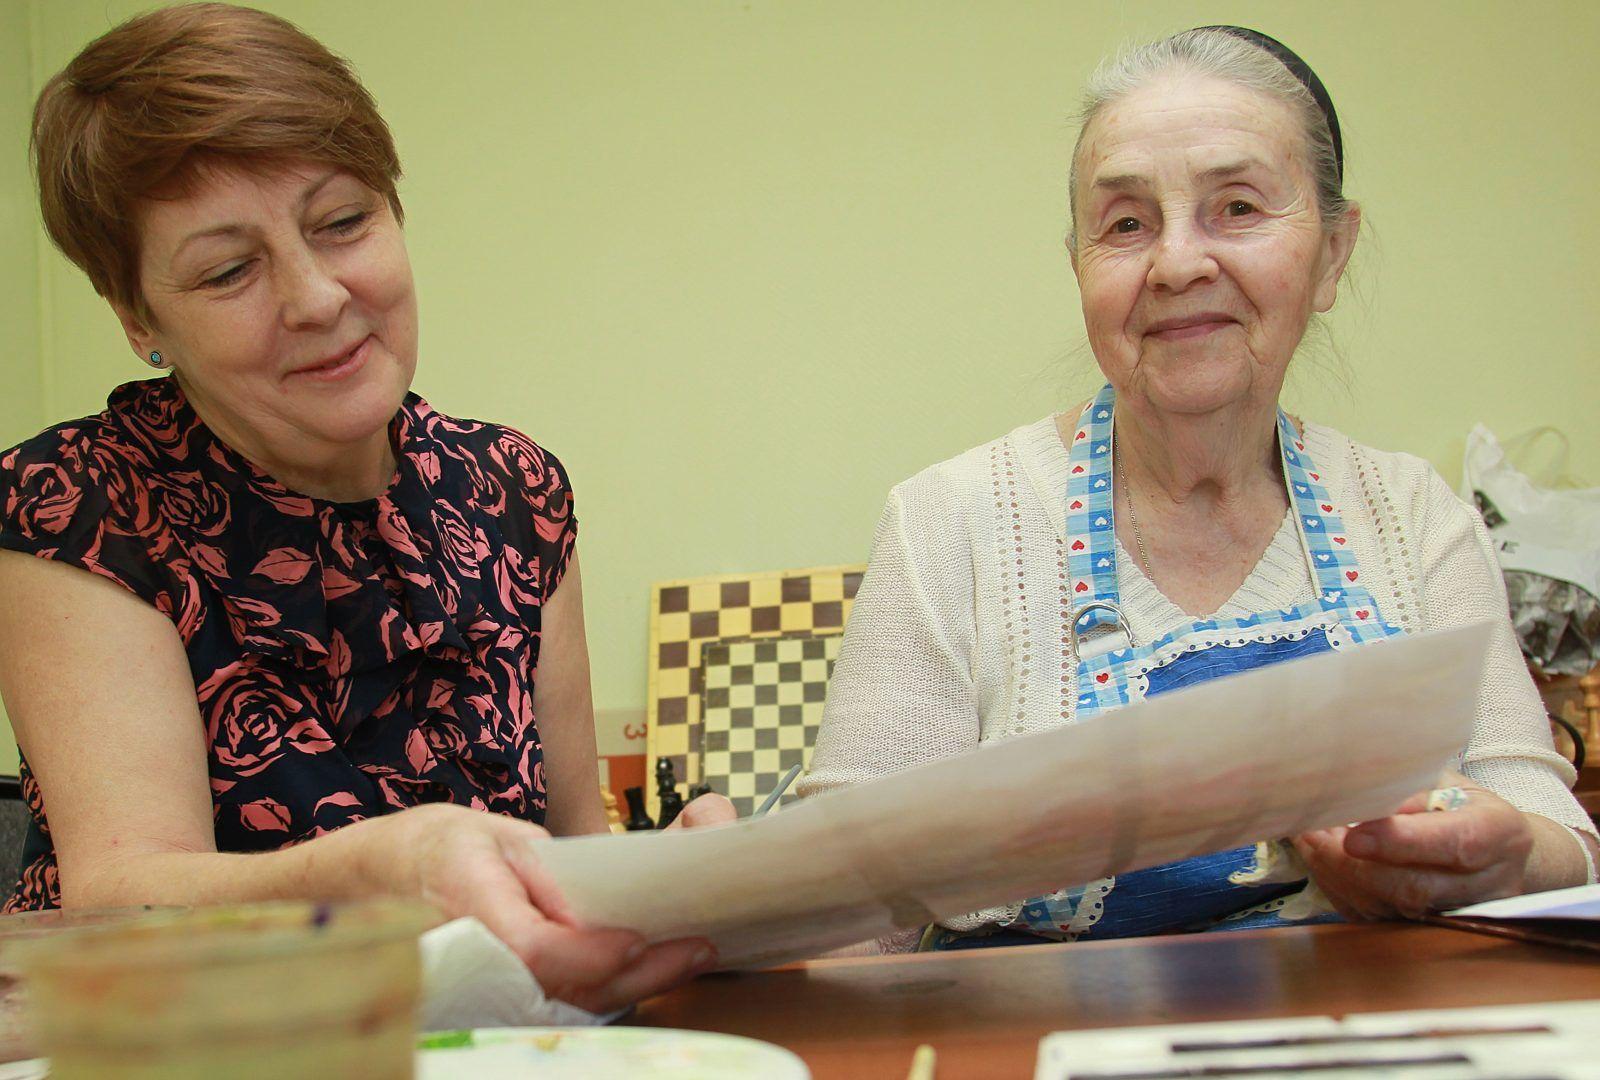 Представители «серебряного» возраста из Новофедоровского выступят на празднике. Фото: Наталия Нечаева «Вечерняя Москва»